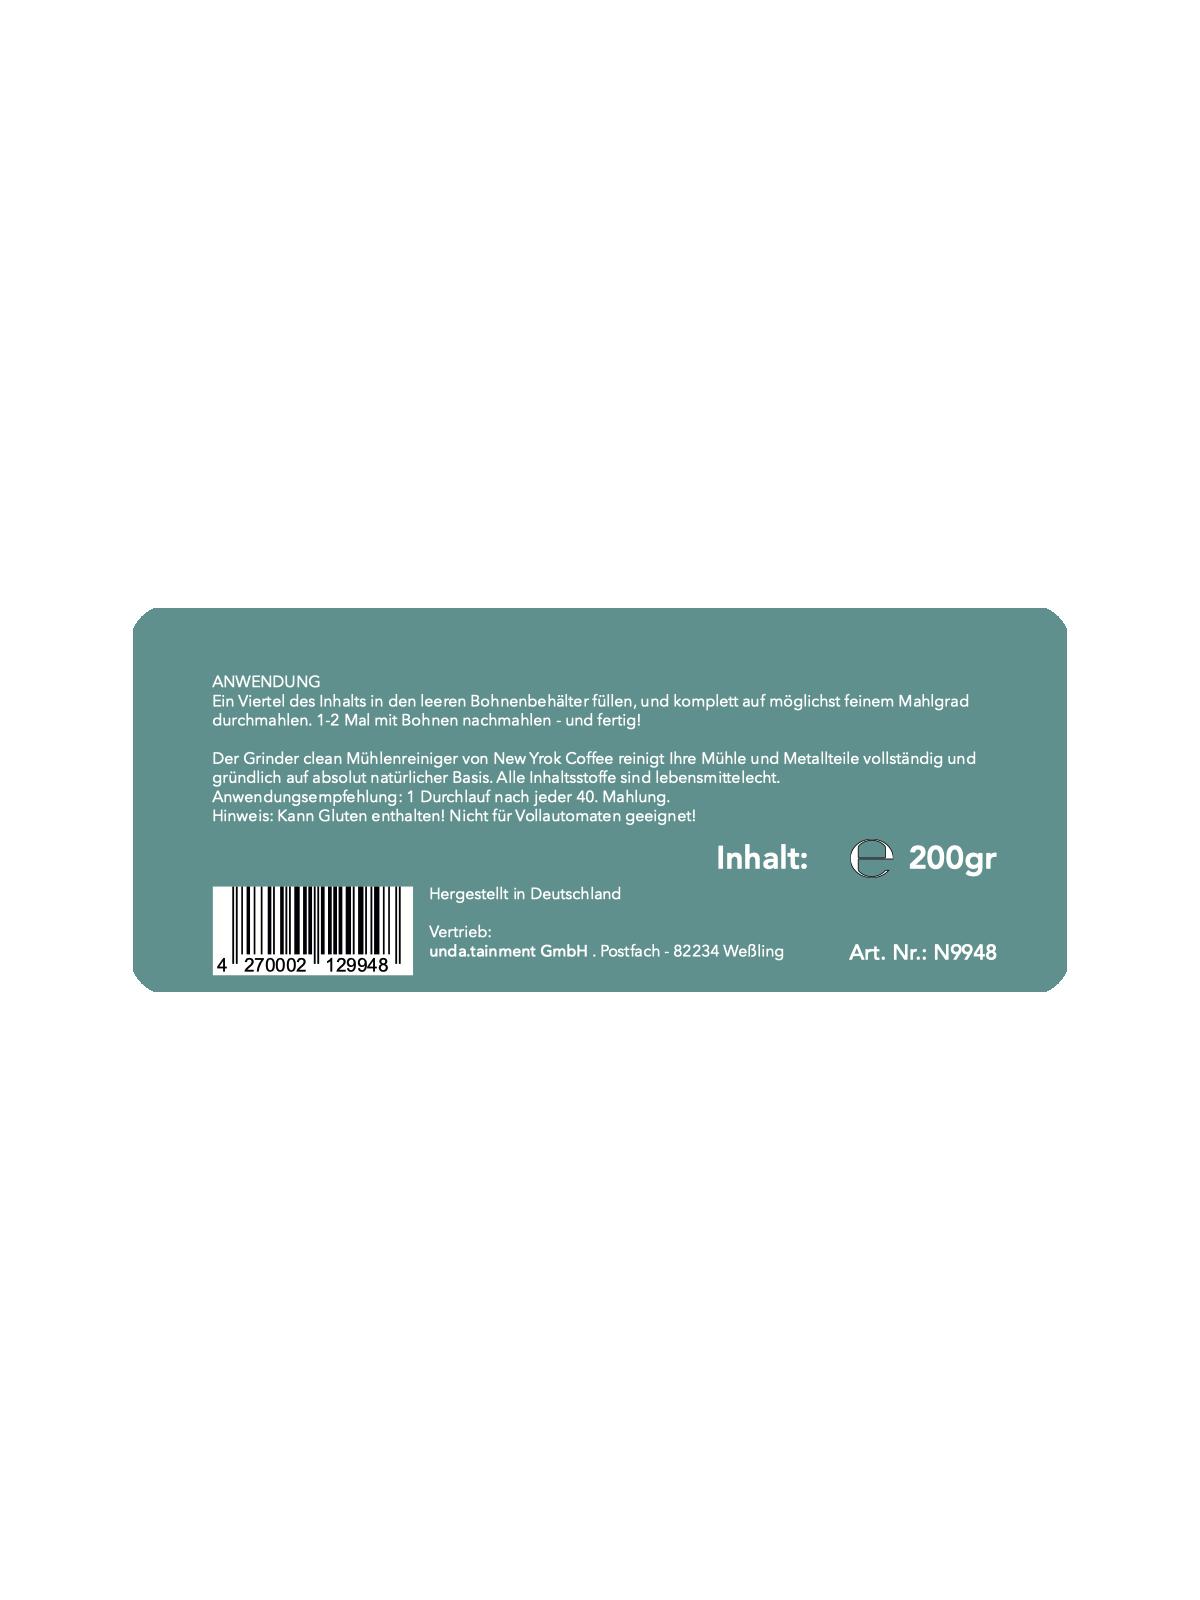 Grinder Clean Mühlenreiniger 200gr